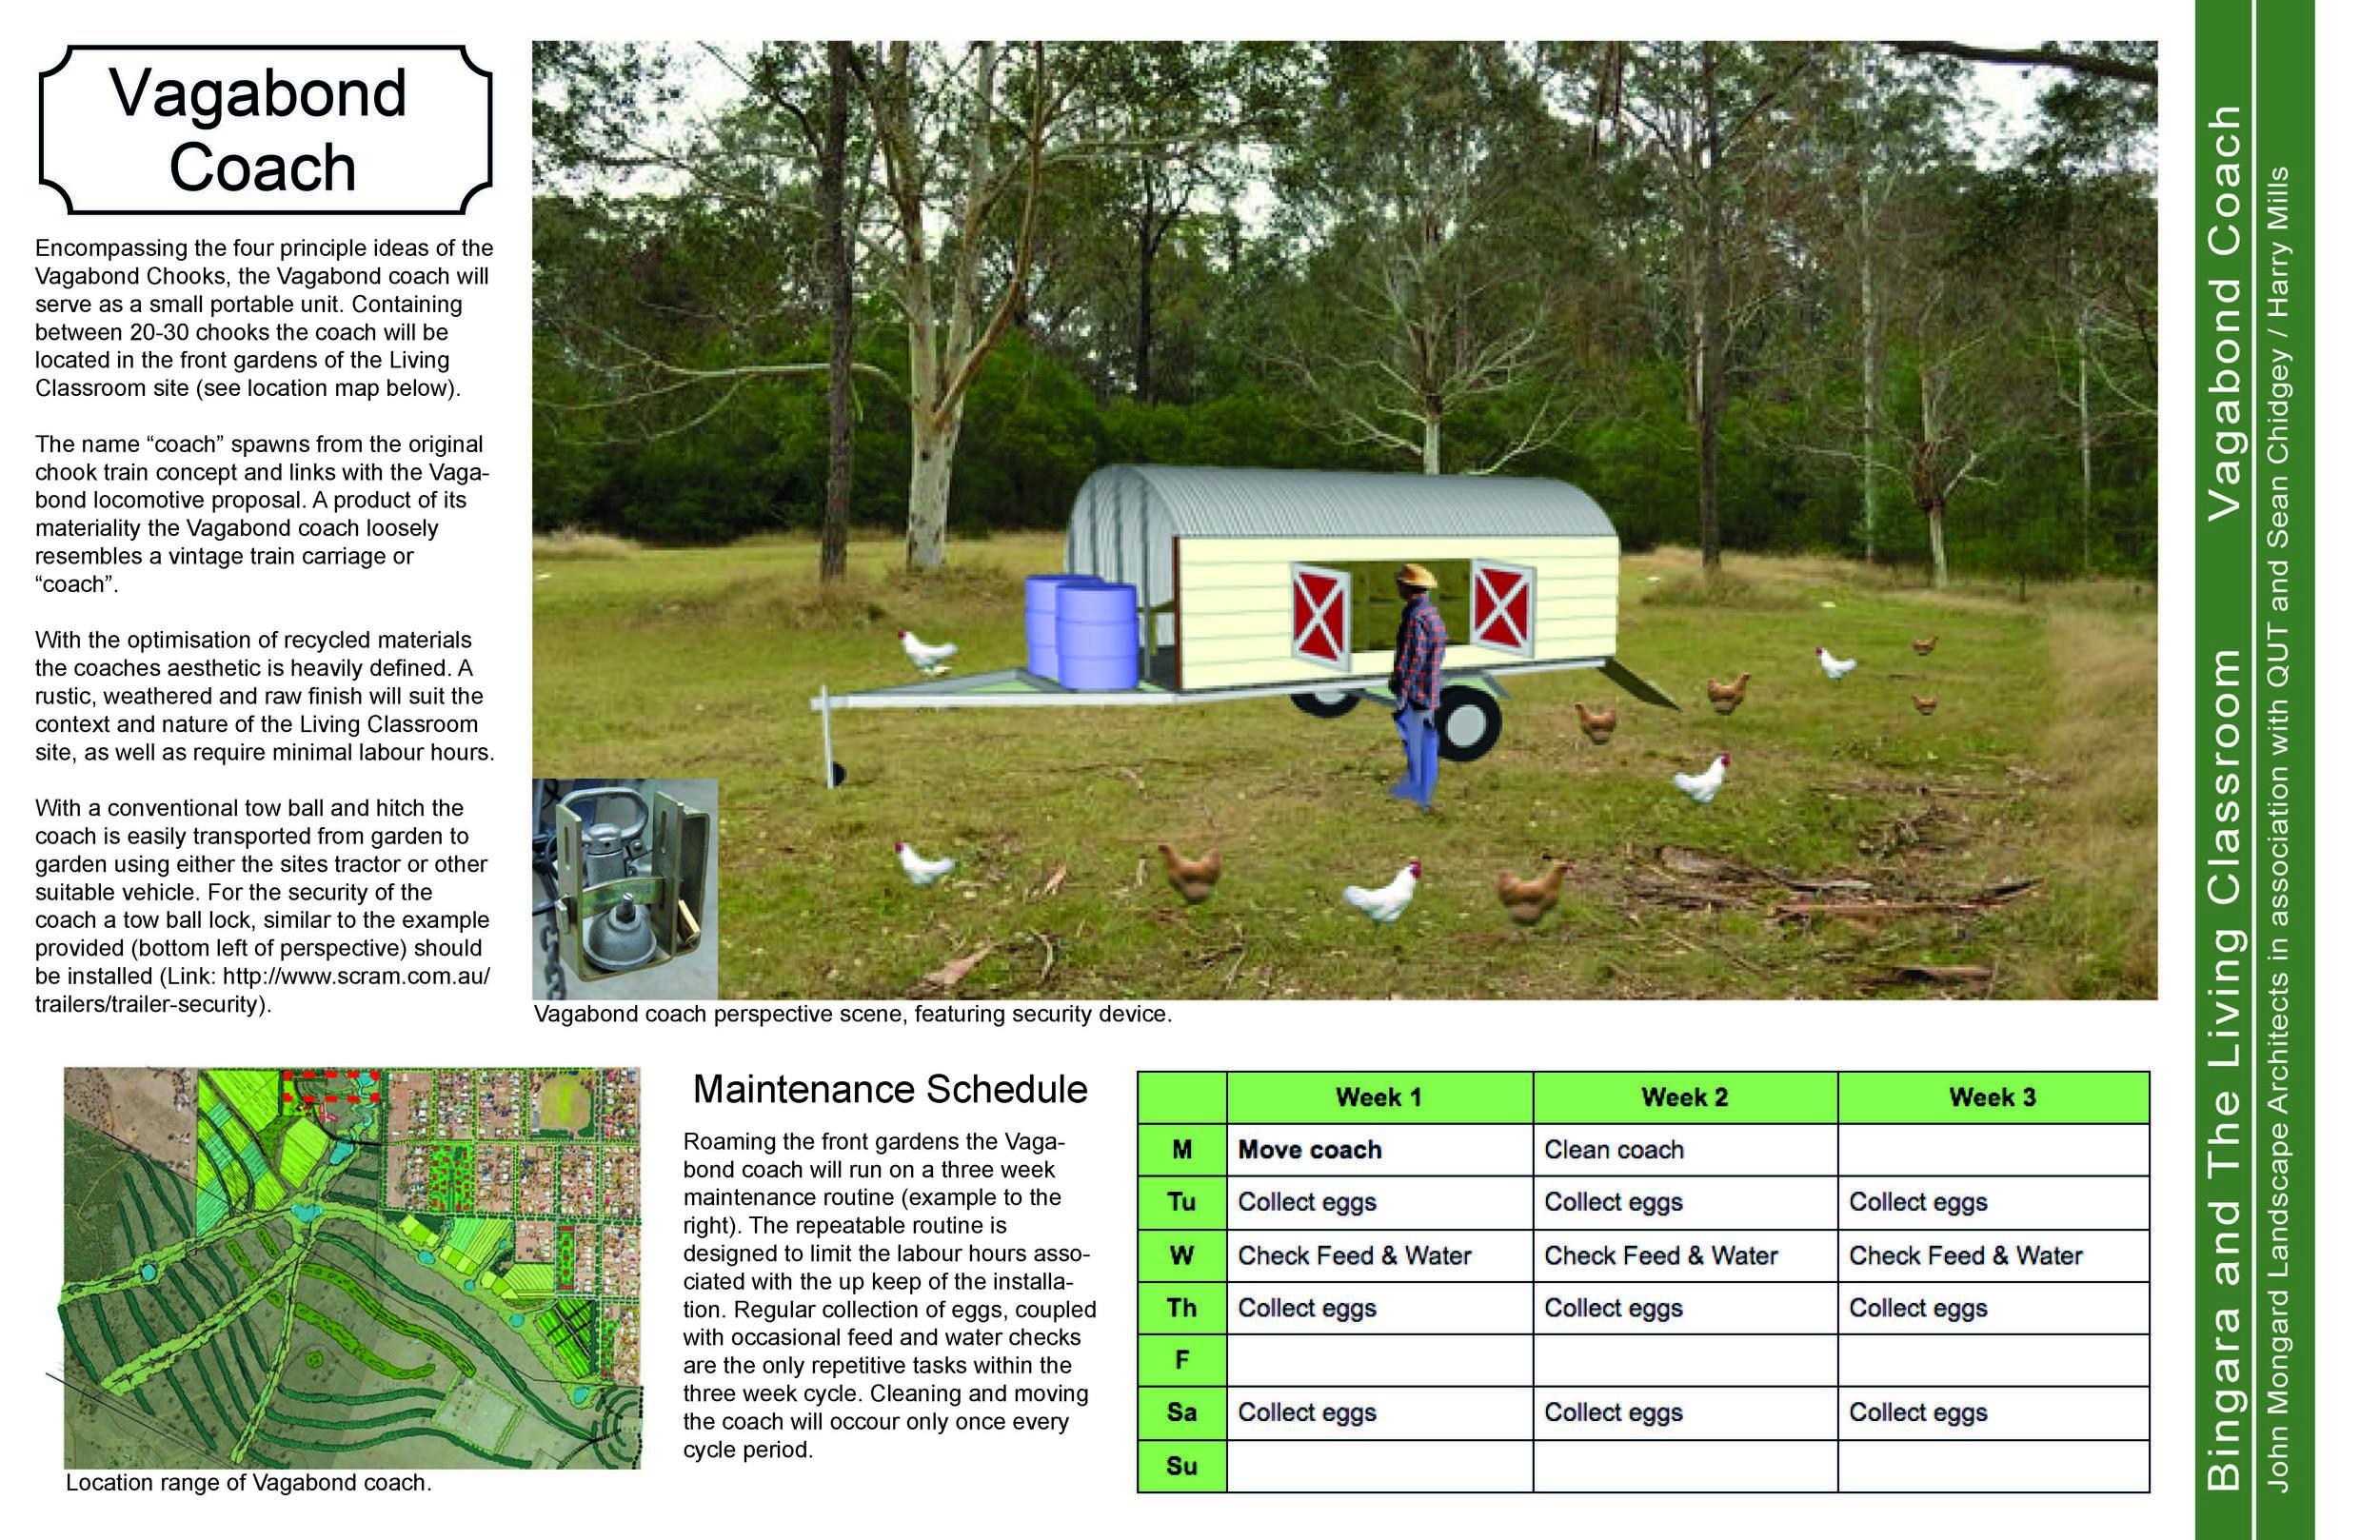 V.Caoch Page 1.jpg